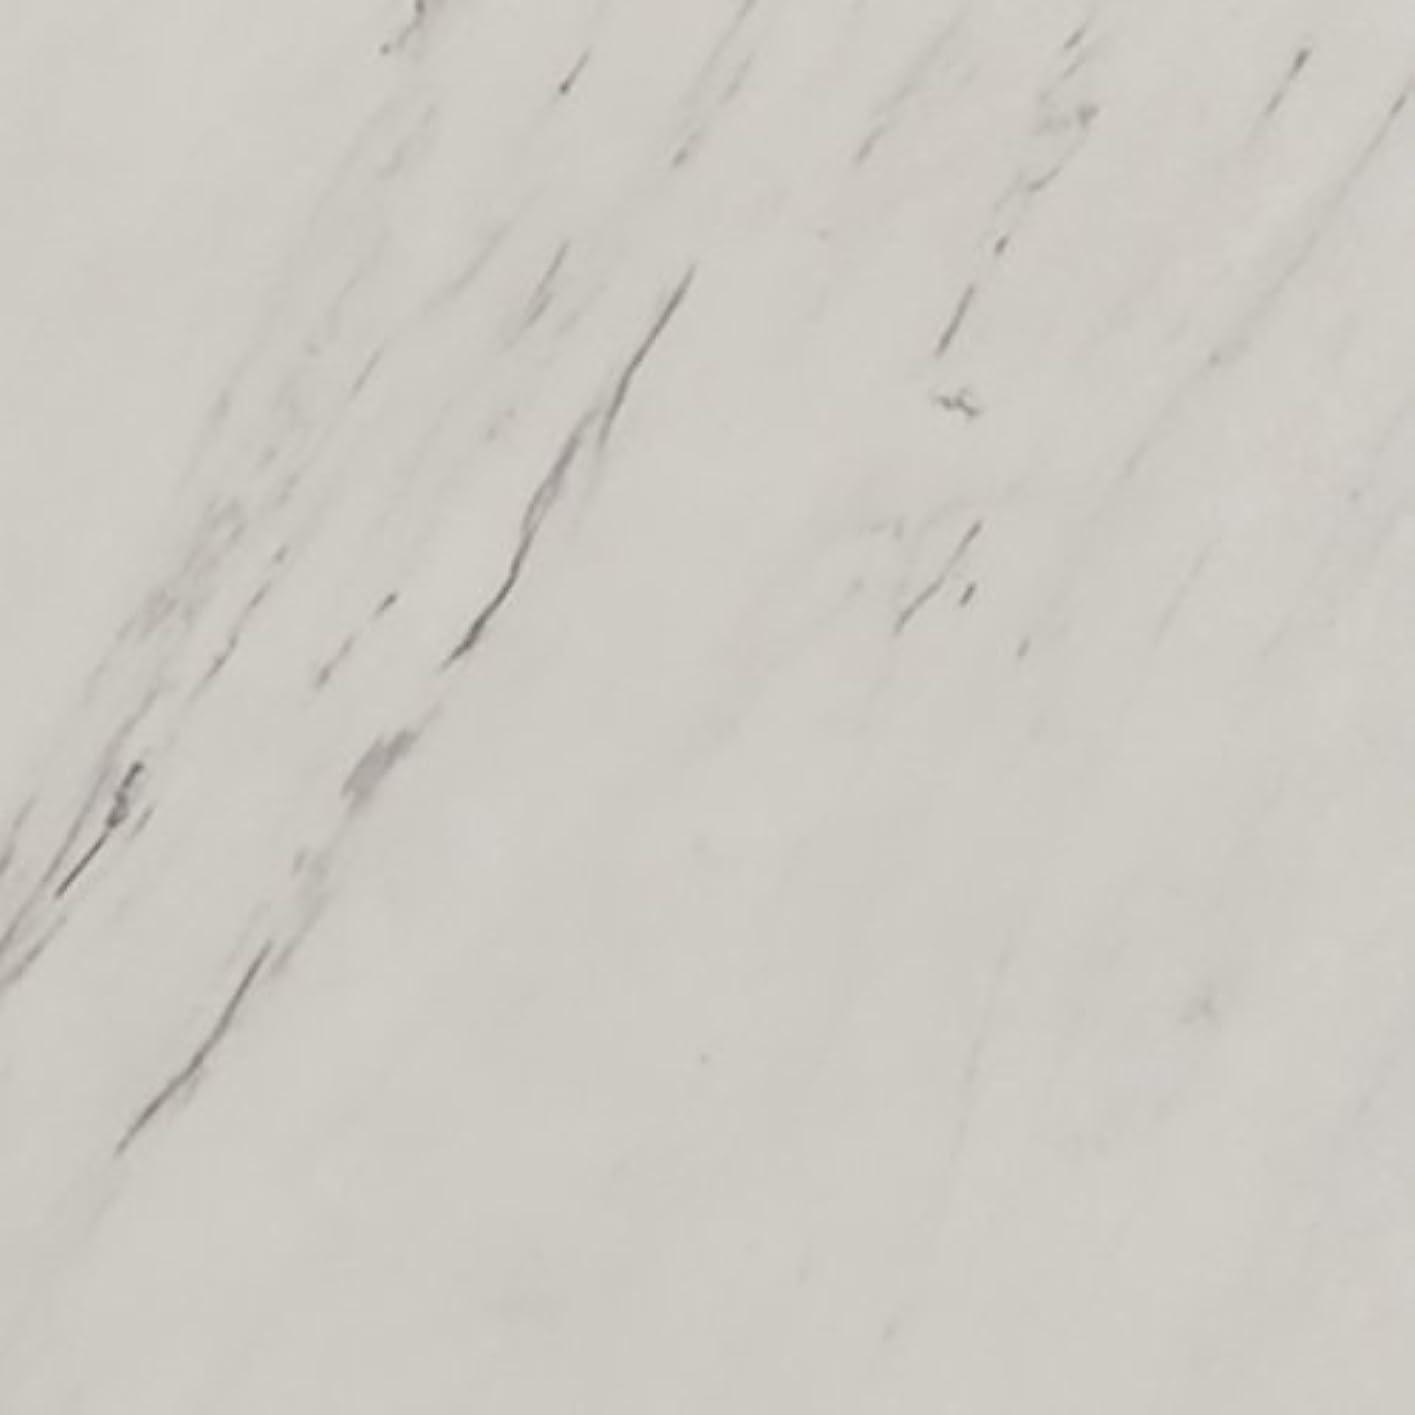 スキー警告送金サンゲツ フロアタイル (フロアータイル)床材 〈軽歩行用?2mm厚〉ビアンコ 304.8×304.8×2.0mm 50枚セット (JK-708) (旧 JK-308)